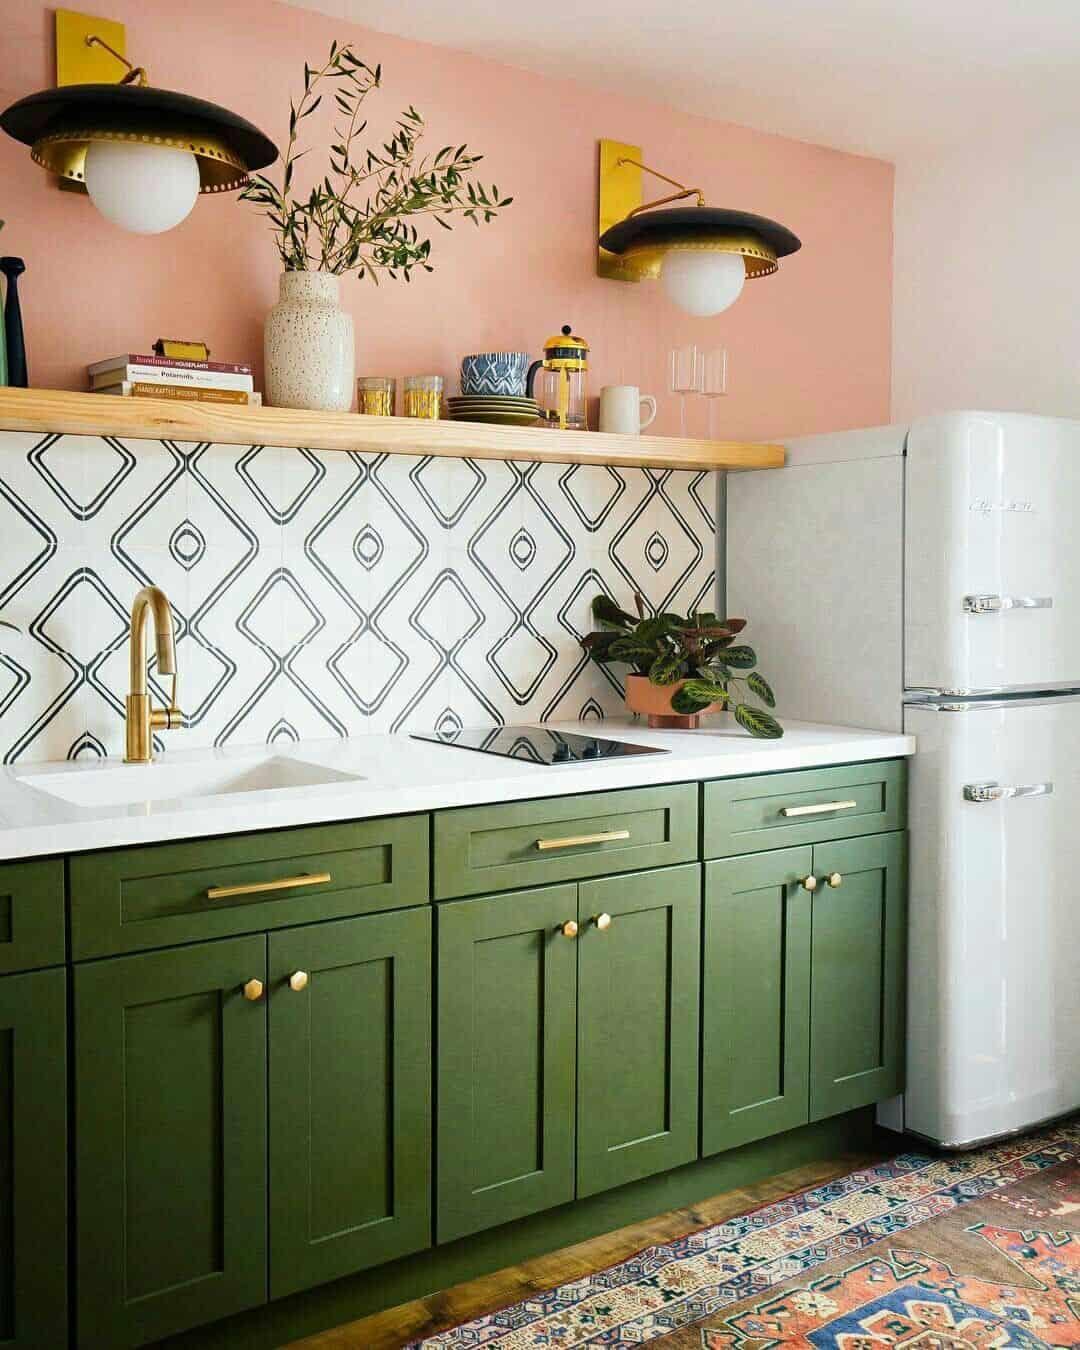 movel verde na cozinha boho